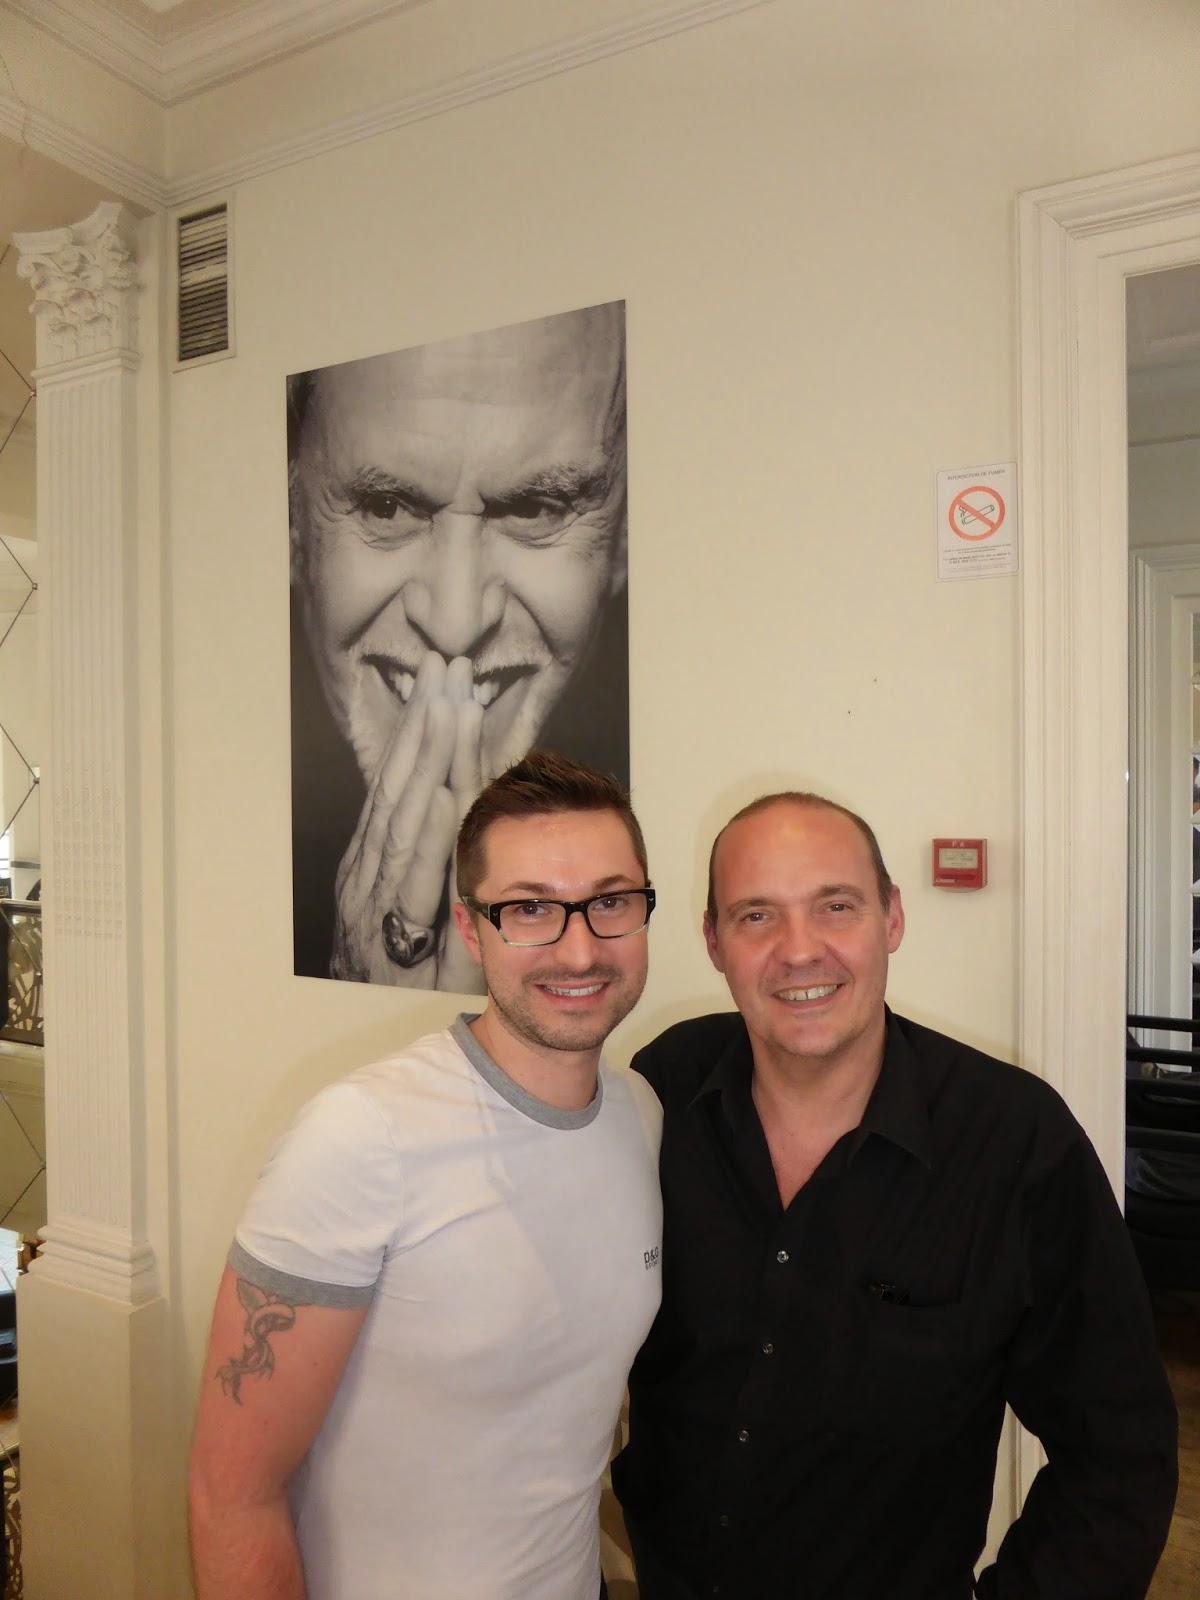 De gauche à droite, Eddy coiffeur visagiste au Studio 54 à Montpellier,  et Yves  Galler, coiffeur formateur à l'Académie Alexandre de Paris, devant le portrait d'Alexandre de Paris.